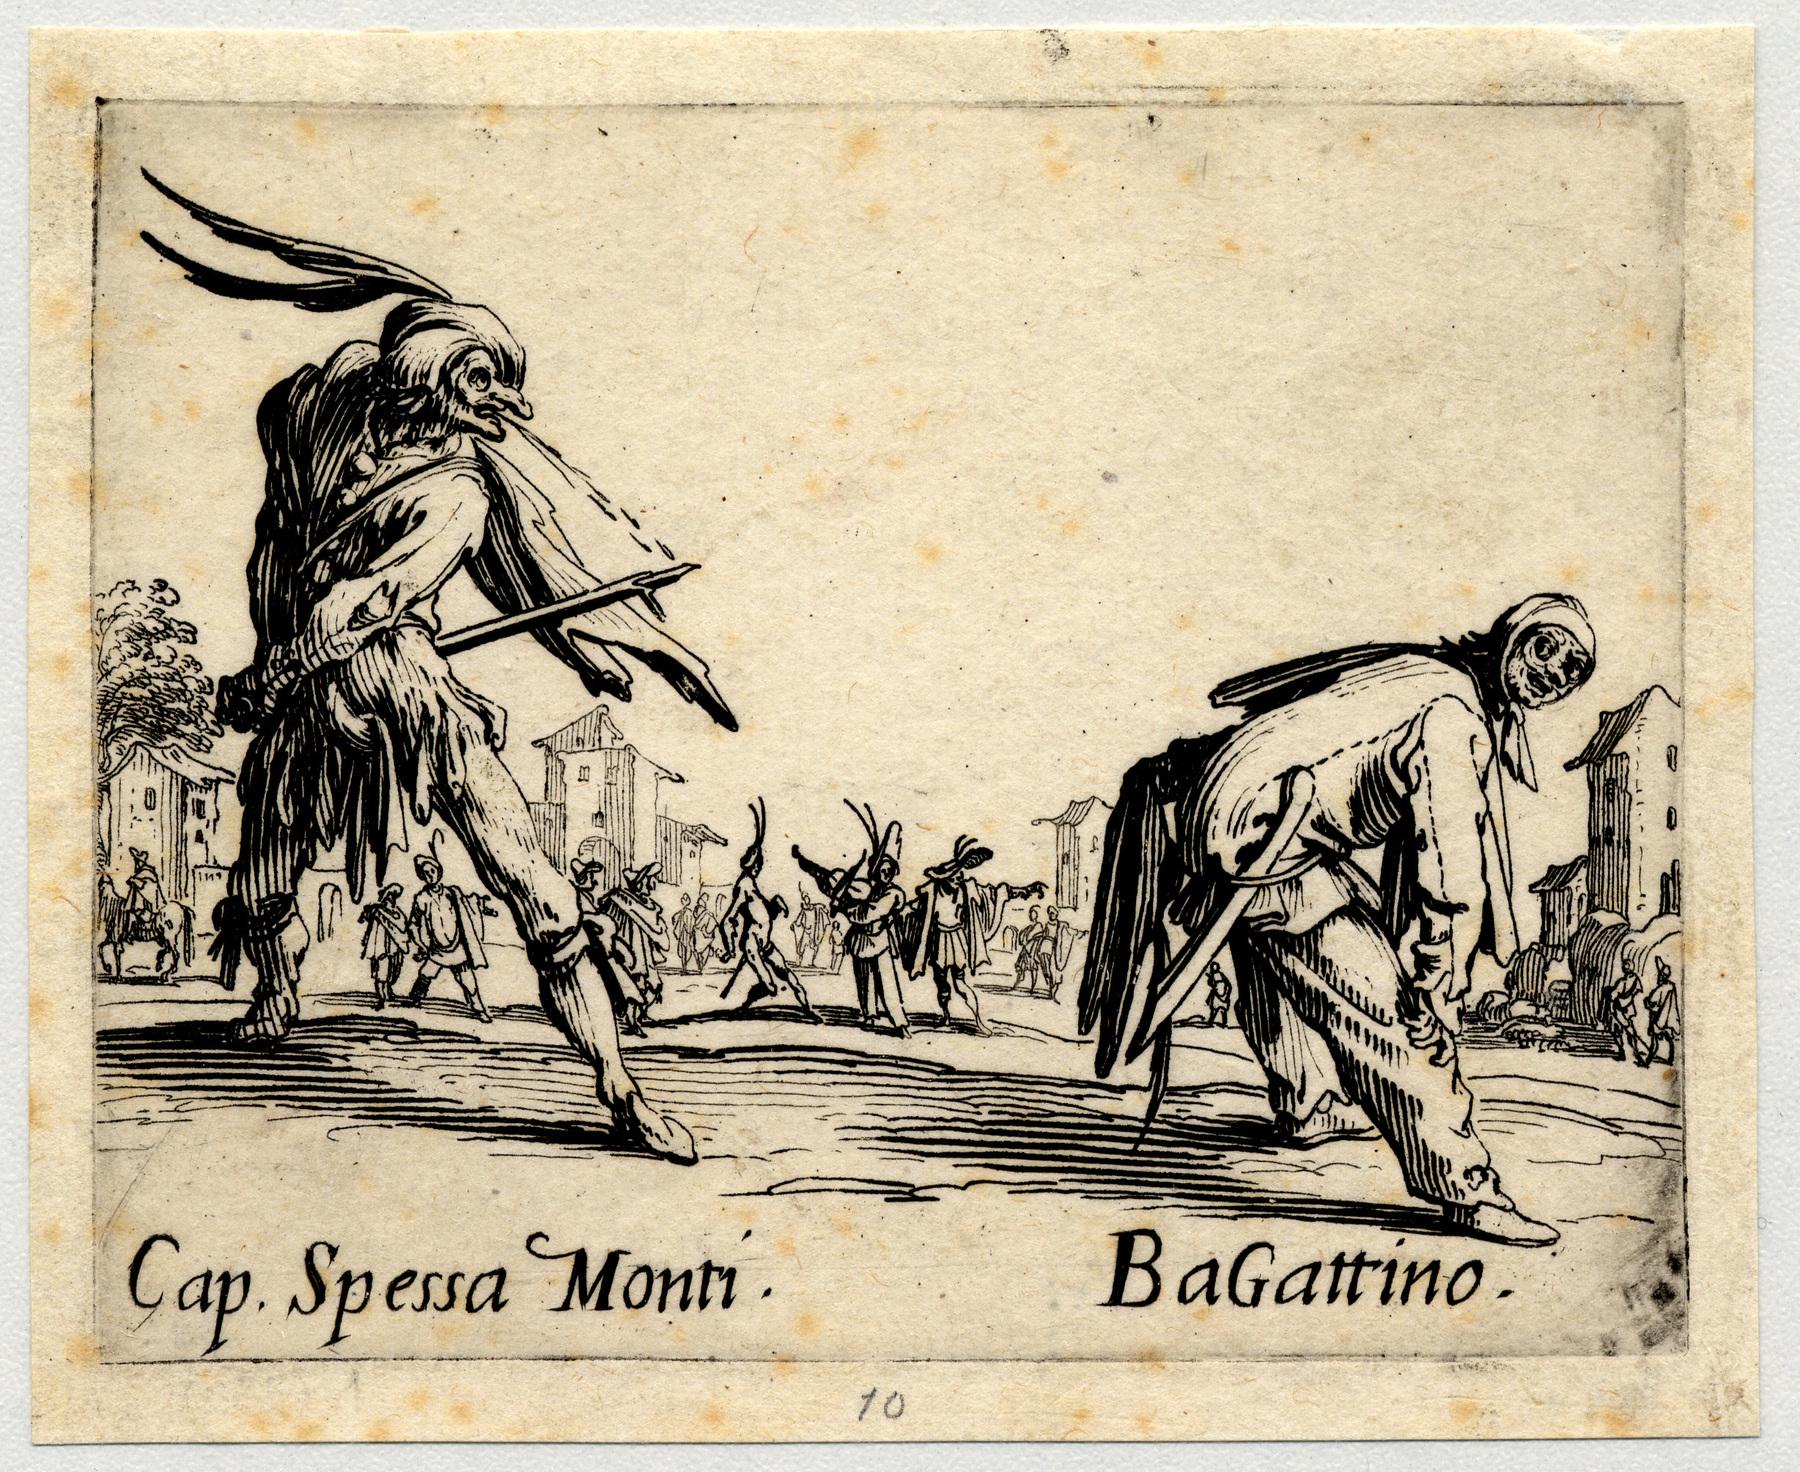 Contenu du Balli di Sfessania : Capitaine Spessa Monti, Bagattino